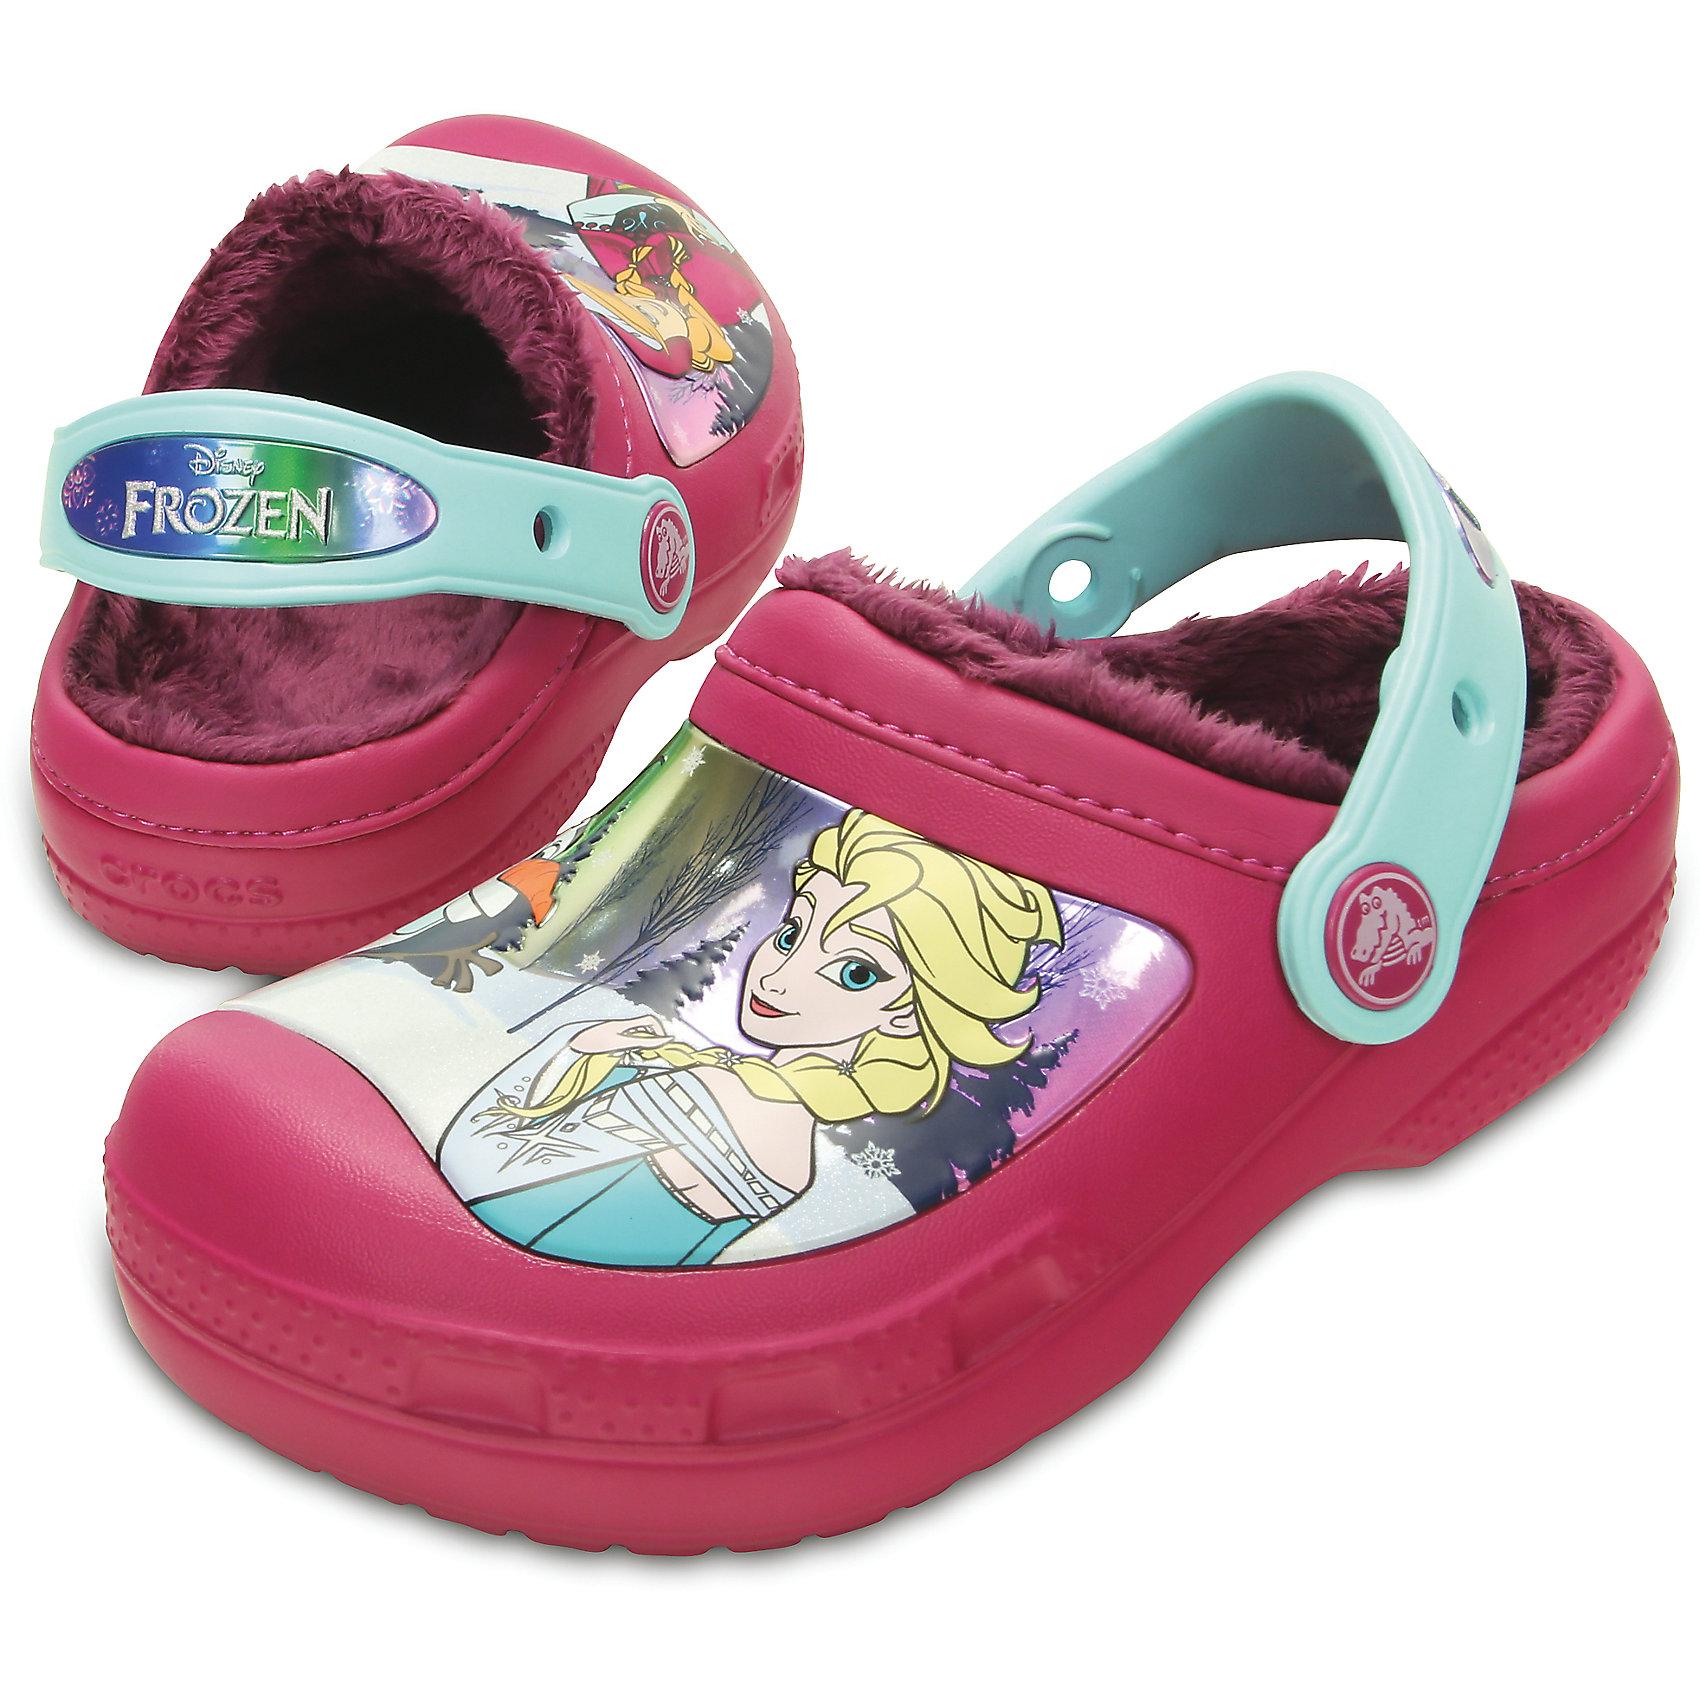 Сабо CC Frozen Lined Clog для девочки Crocs от myToys